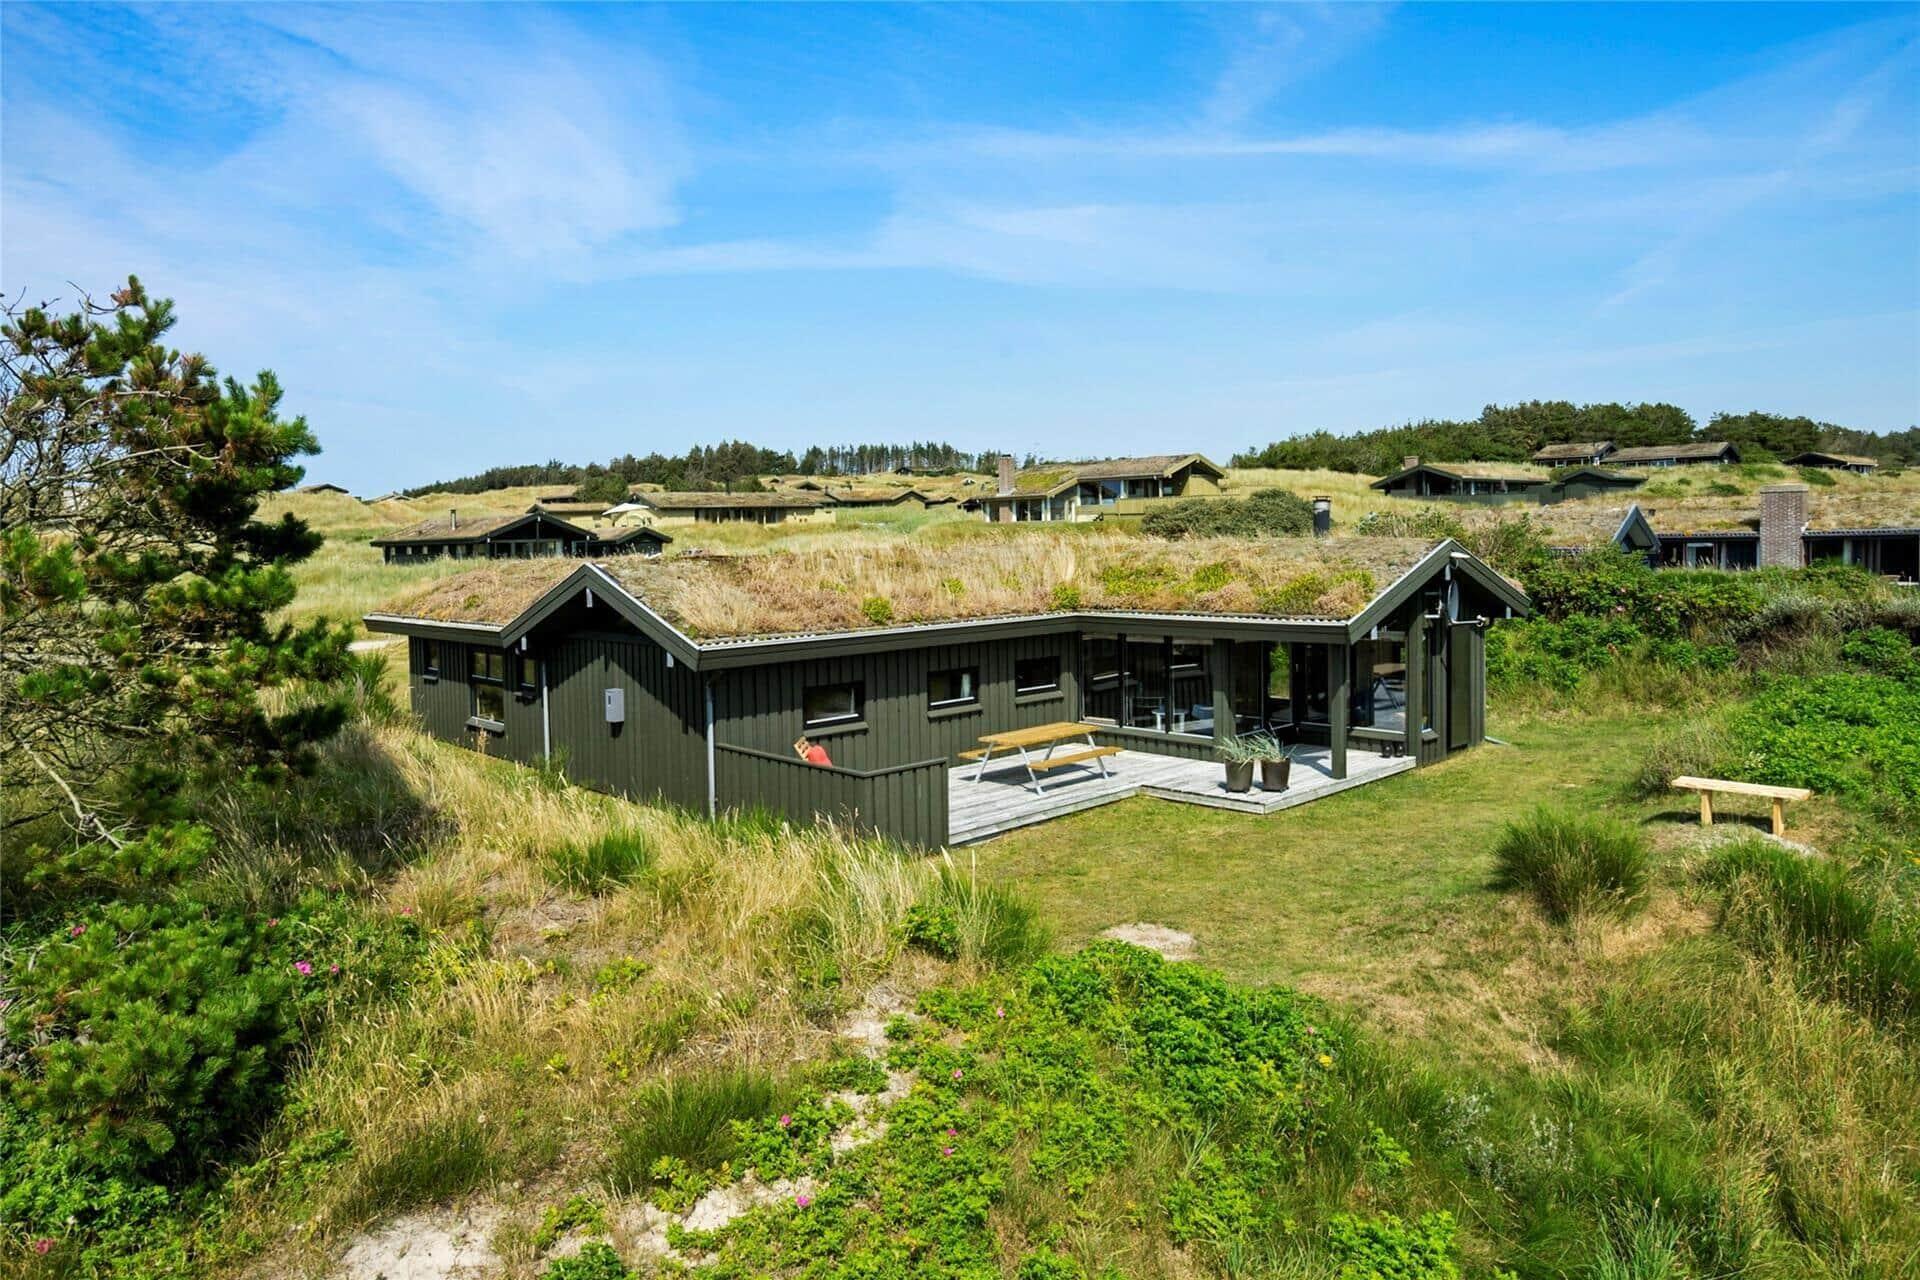 Billede 1-14 Sommerhus 1755, Karen Mariesvej 57, DK - 9493 Saltum